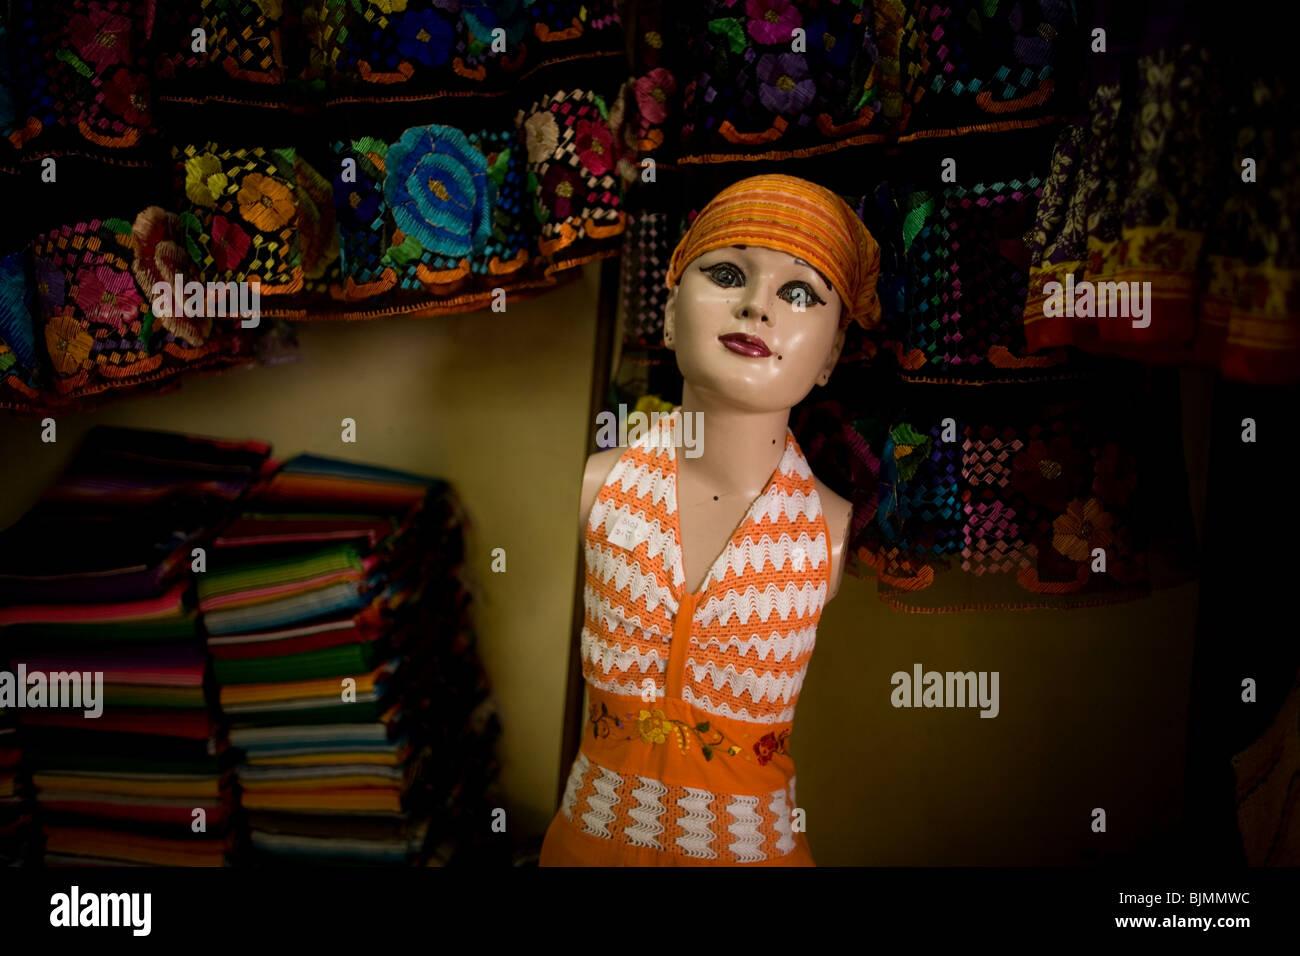 Clothing Store Downtown Oshkosh